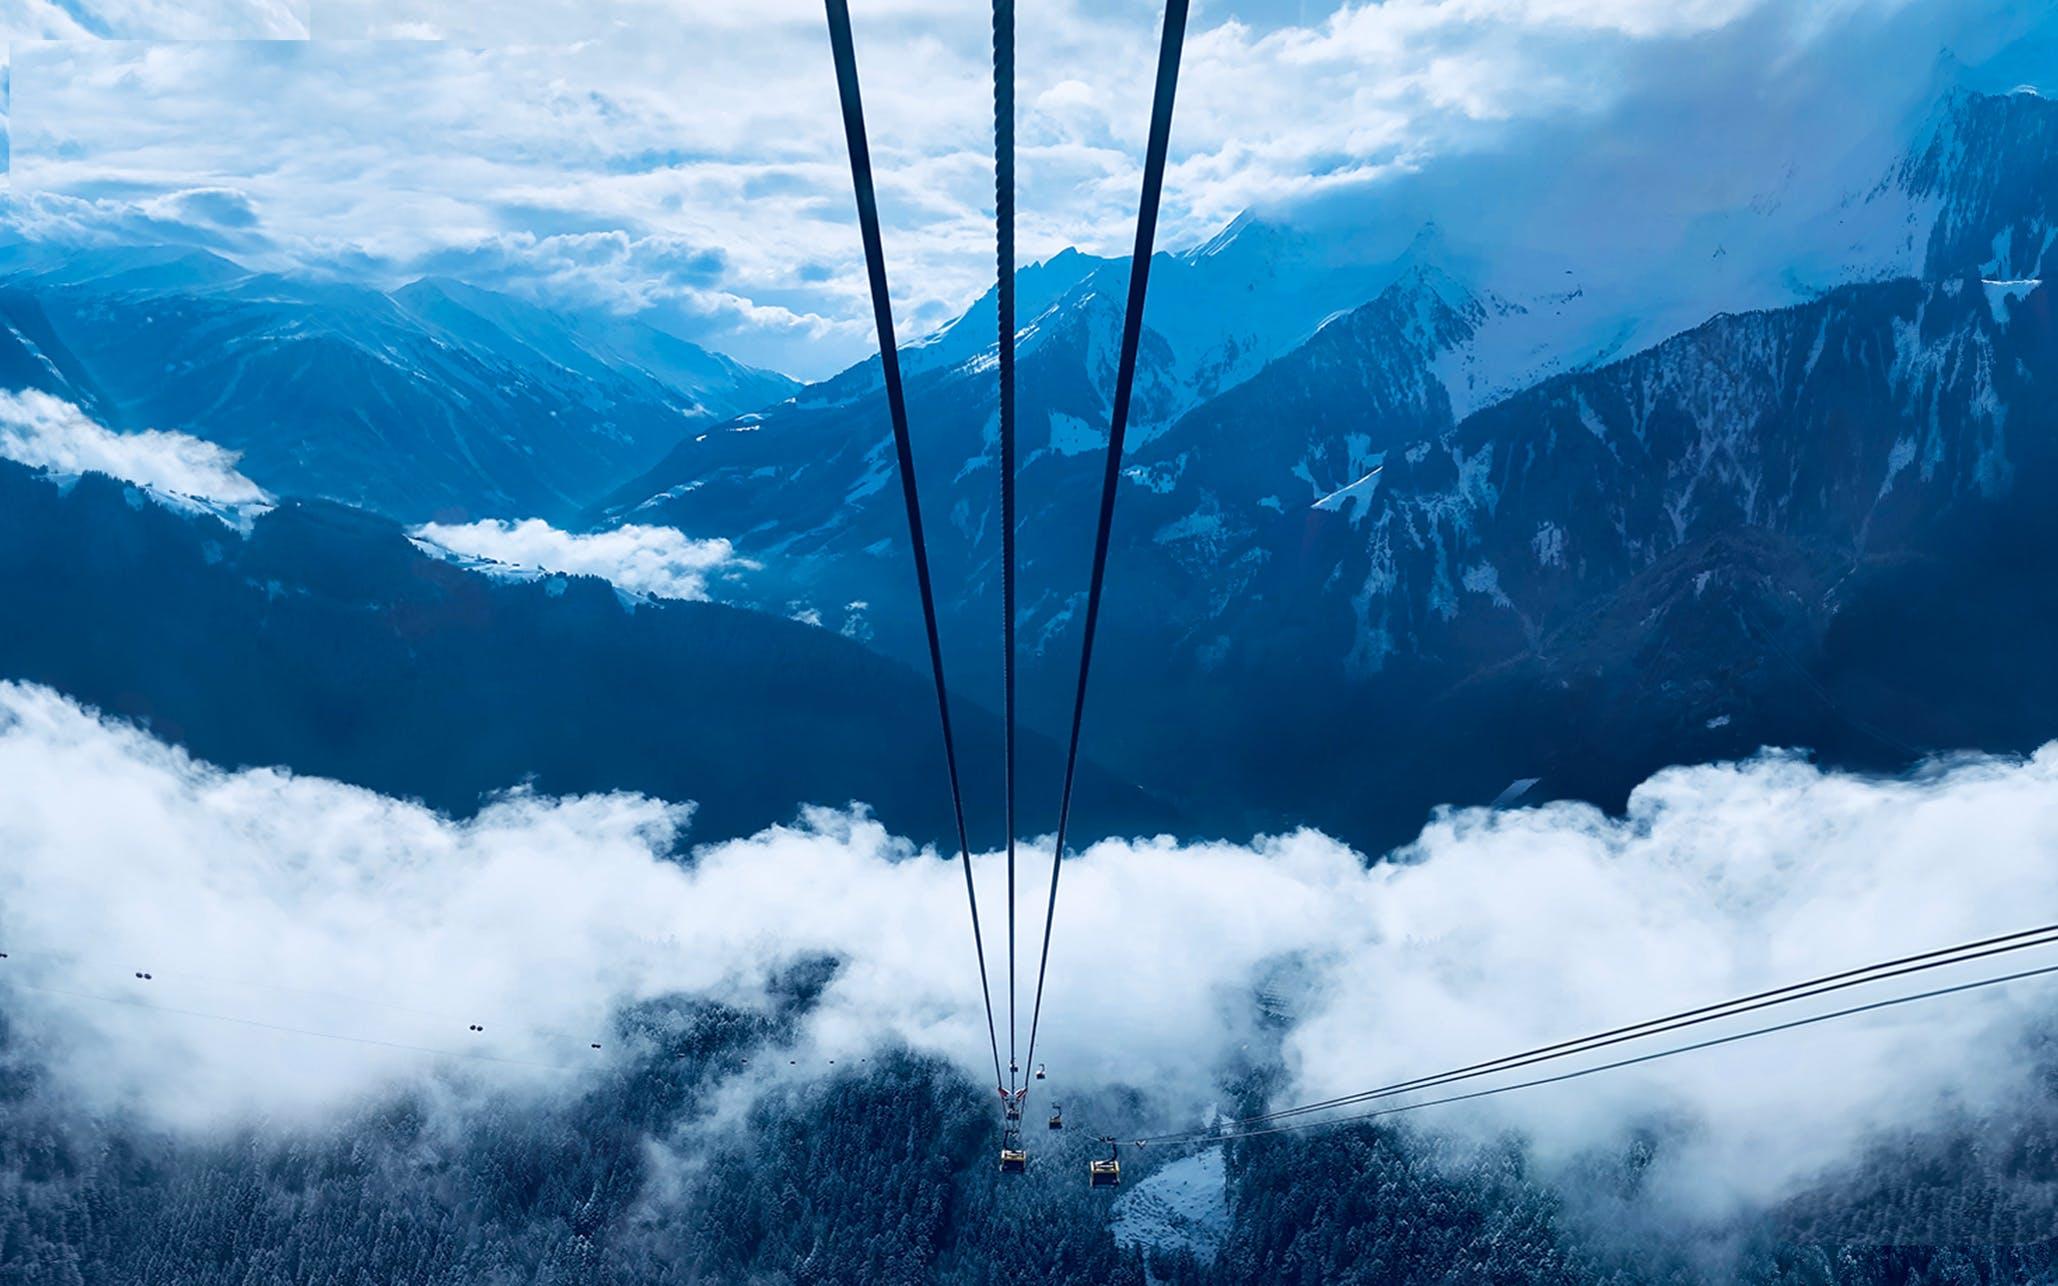 Gratis lagerfoto af alperne, bjerge, Gondol, himmel